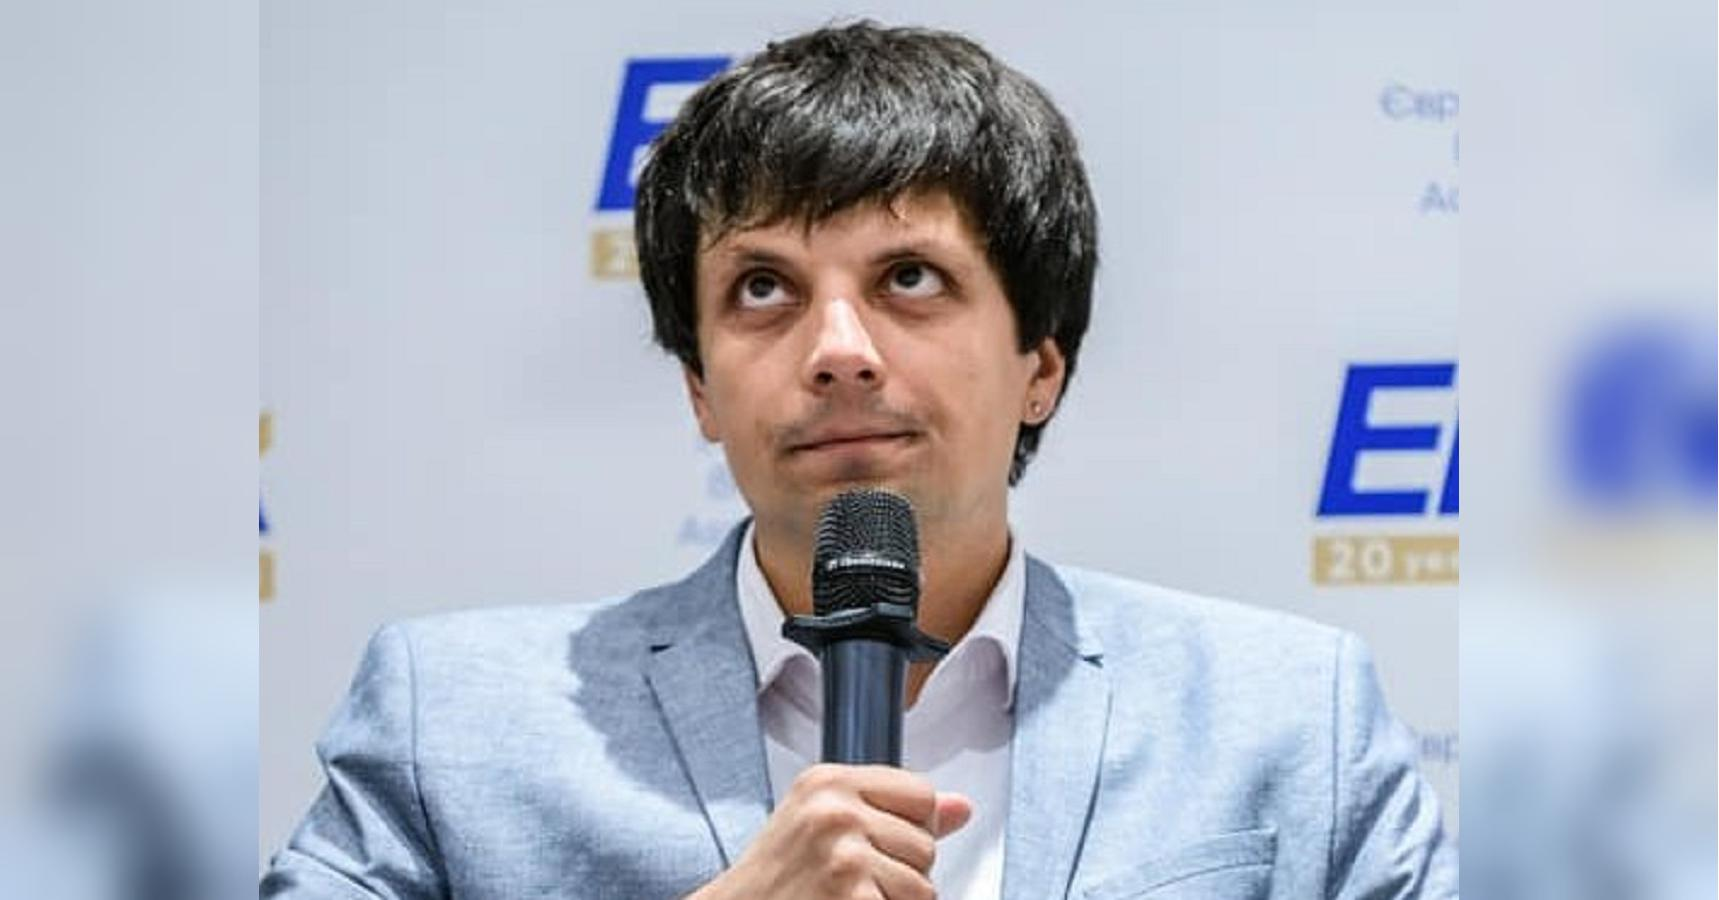 Минэкономики Украины временно возглавил Павел Кухта - его биография -  «ФАКТЫ»